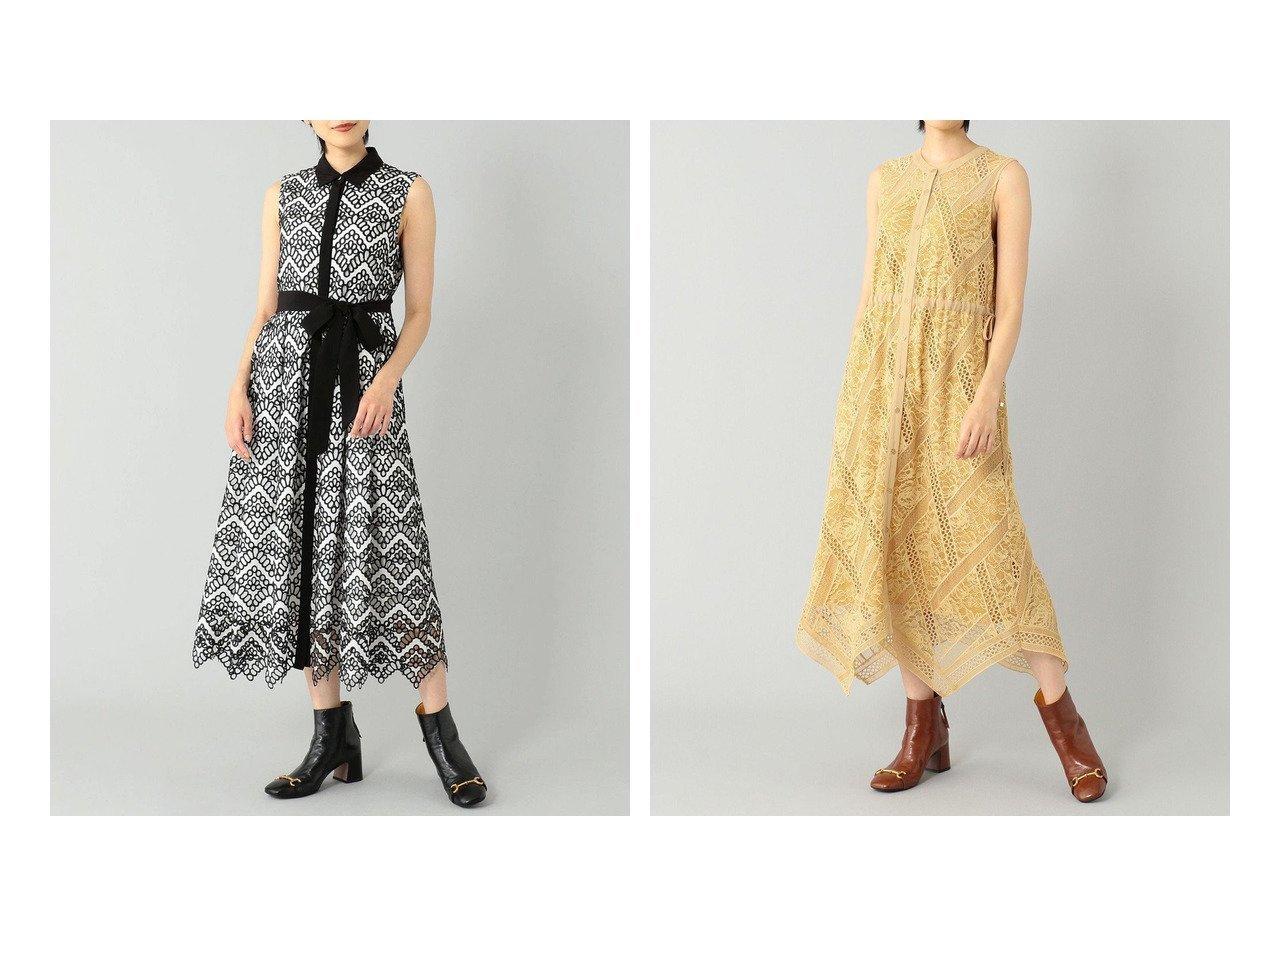 【GRACE CONTINENTAL/グレース コンチネンタル】のカットワークノースリーブワンピース&レースチェックワンピース 【ワンピース・ドレス】おすすめ!人気、トレンド・レディースファッションの通販 おすすめで人気の流行・トレンド、ファッションの通販商品 インテリア・家具・メンズファッション・キッズファッション・レディースファッション・服の通販 founy(ファニー) https://founy.com/ ファッション Fashion レディースファッション WOMEN ワンピース Dress 送料無料 Free Shipping イレギュラー チェック ドレス ドローストリング フェミニン ヘムライン レース ロング 夏 Summer エレガント オケージョン ガーリー スカラップ リボン ワーク 再入荷 Restock/Back in Stock/Re Arrival  ID:crp329100000056881